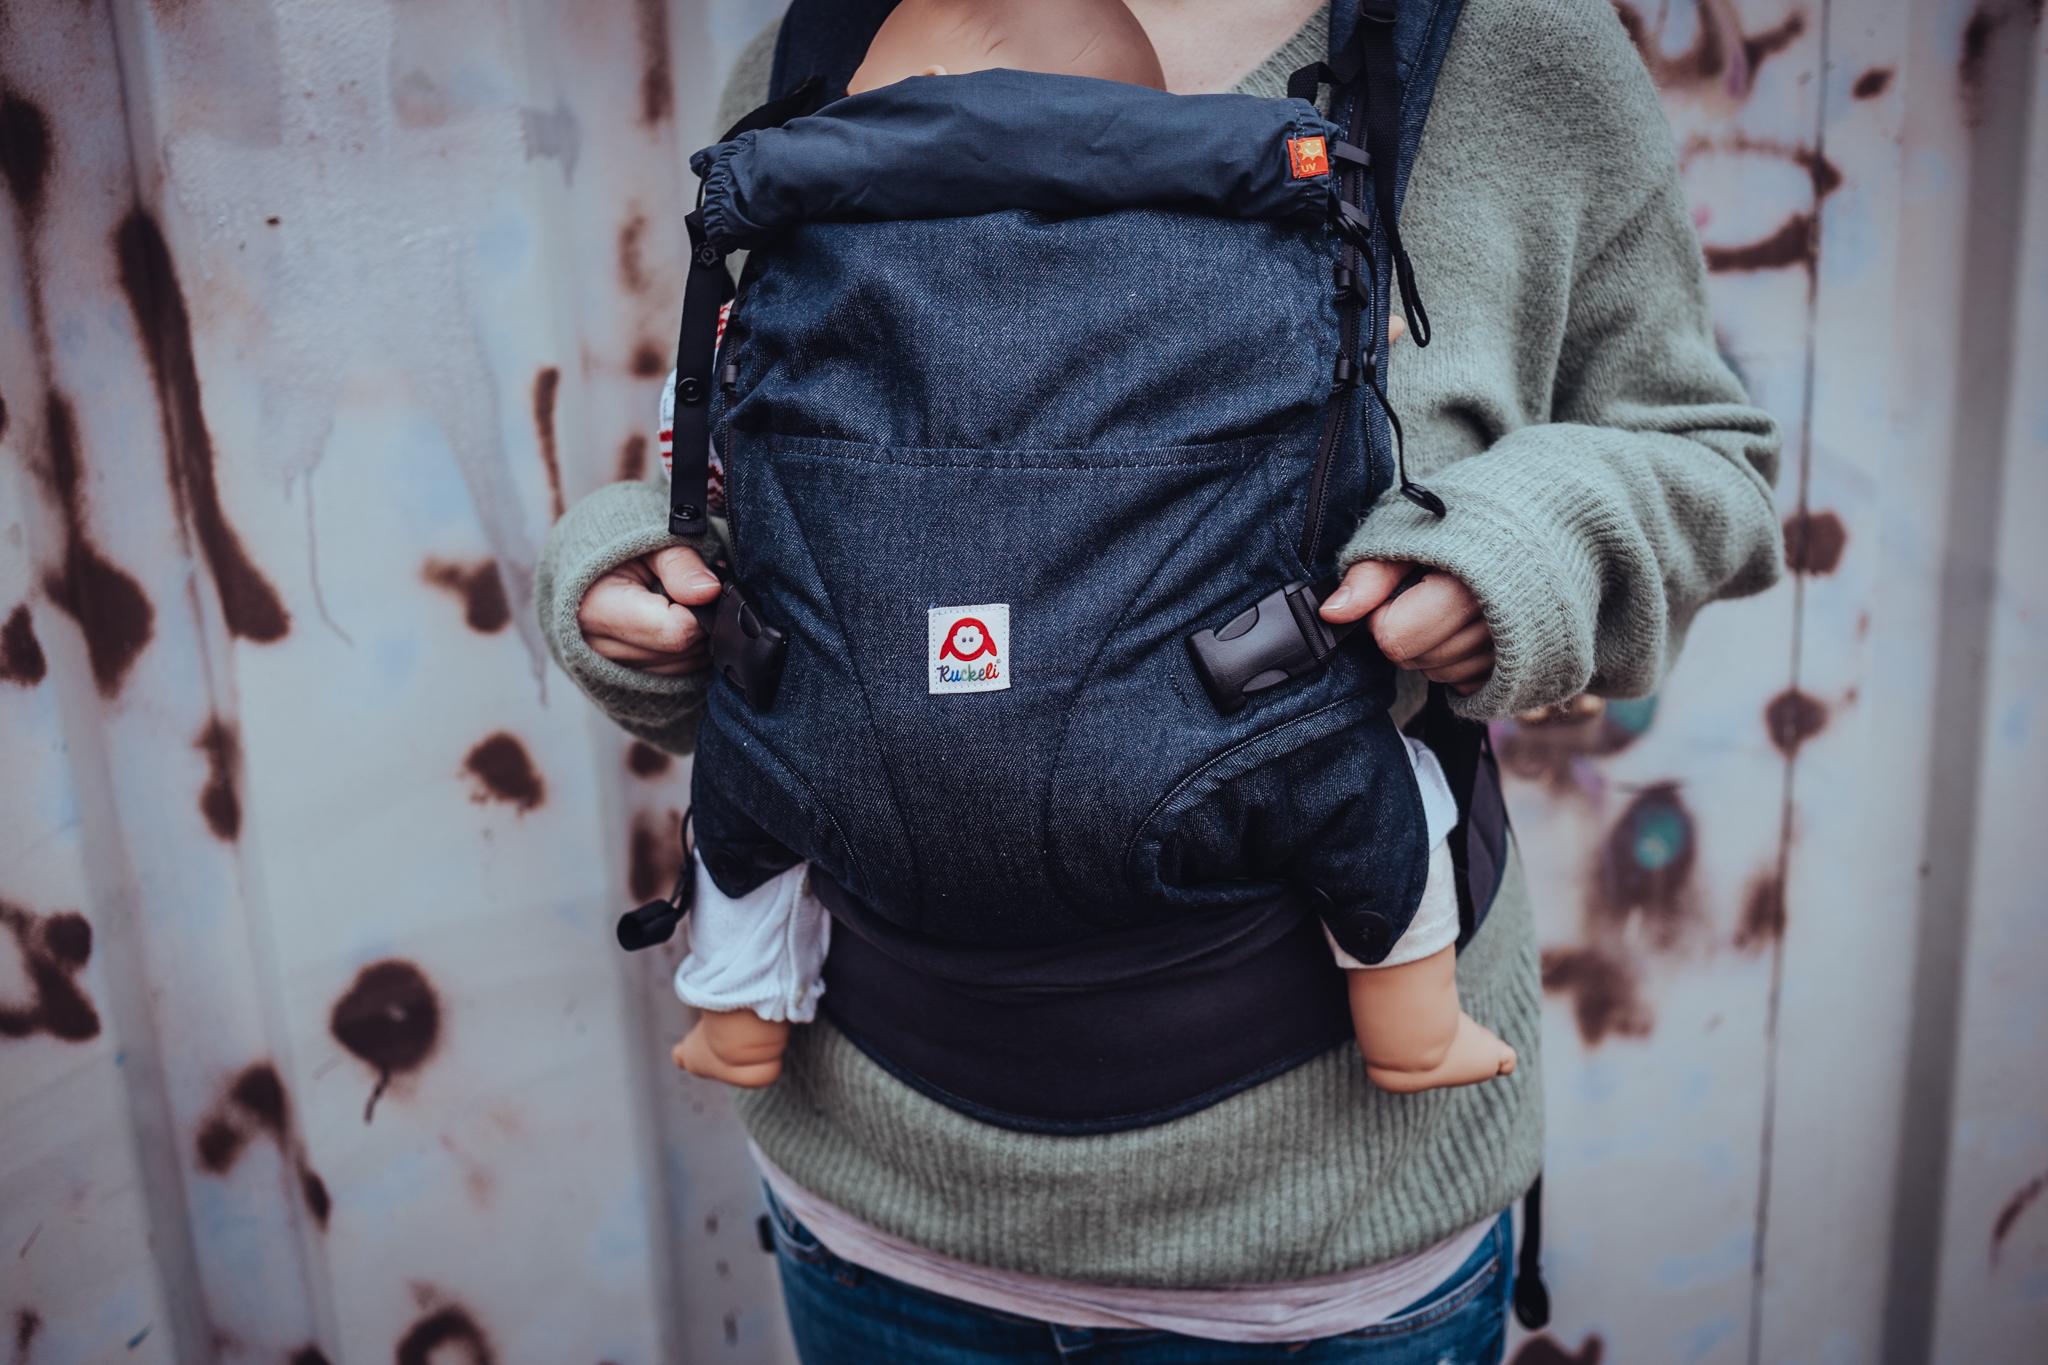 Ruckeli Babytrage - Full Buckle Tragehilfe, die sich einfach zum Hüftsitz einrollen und verstauen lässt. Stufenlos verstellbare Rückenverlängerung, breit und flach geschnittene Träger.